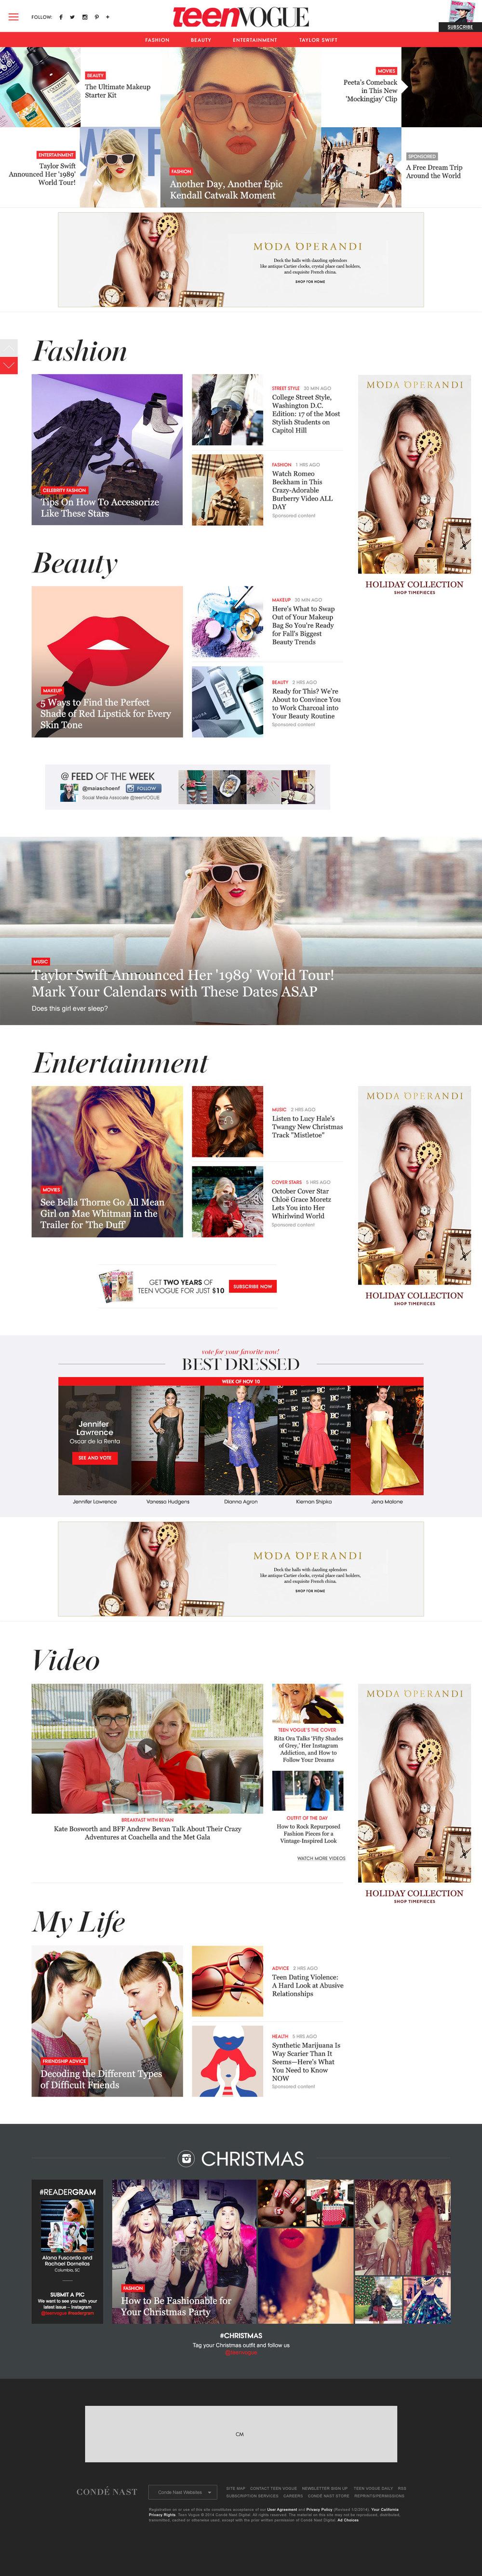 TV_Homepage_1280.jpg